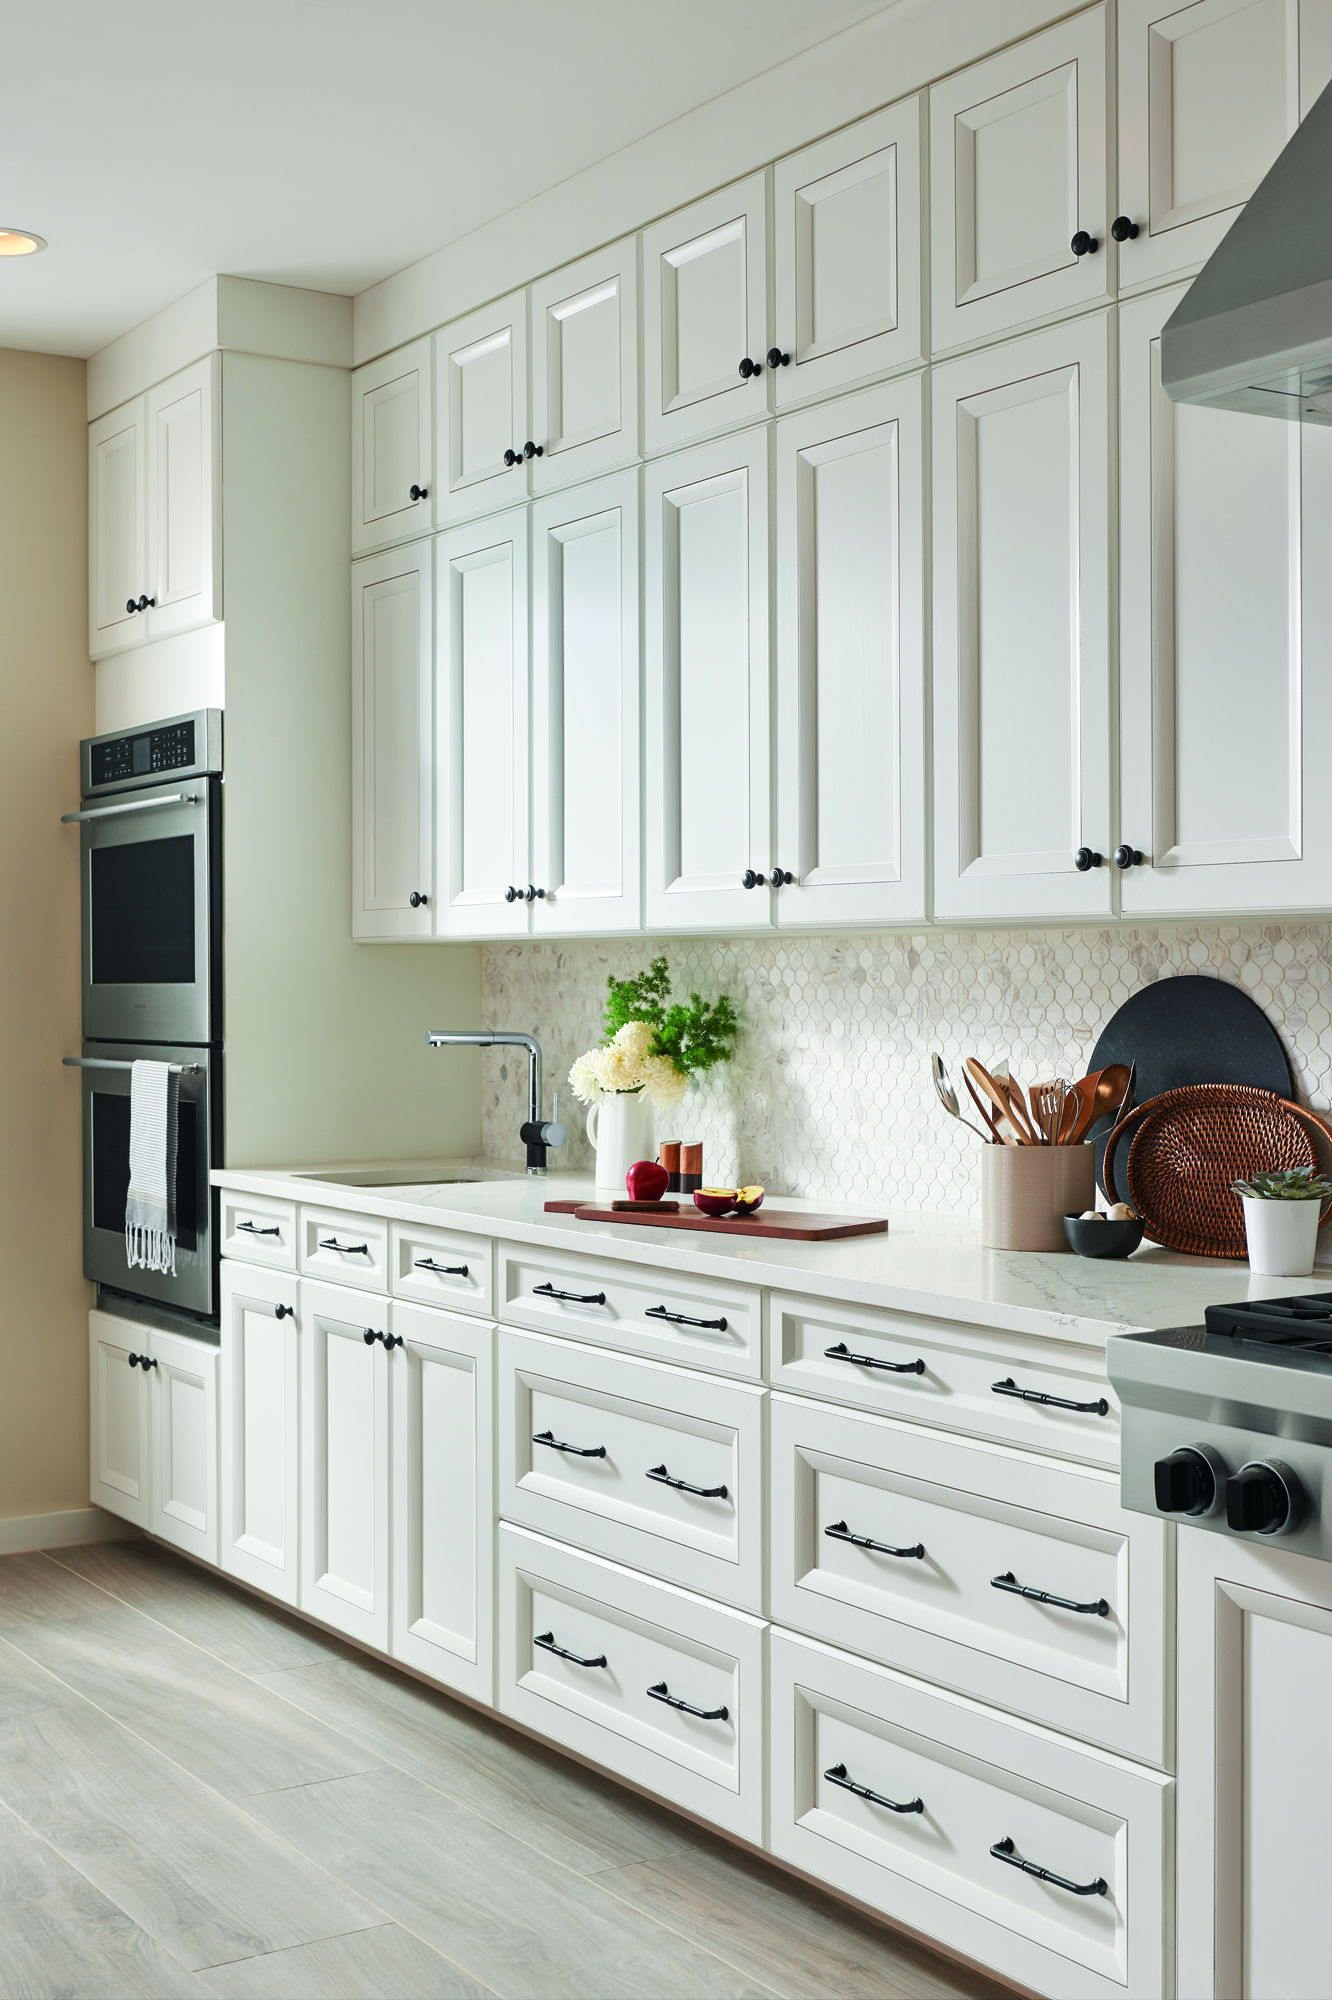 White kitchen cabinets, kitchen decor, kitchen hardware ...